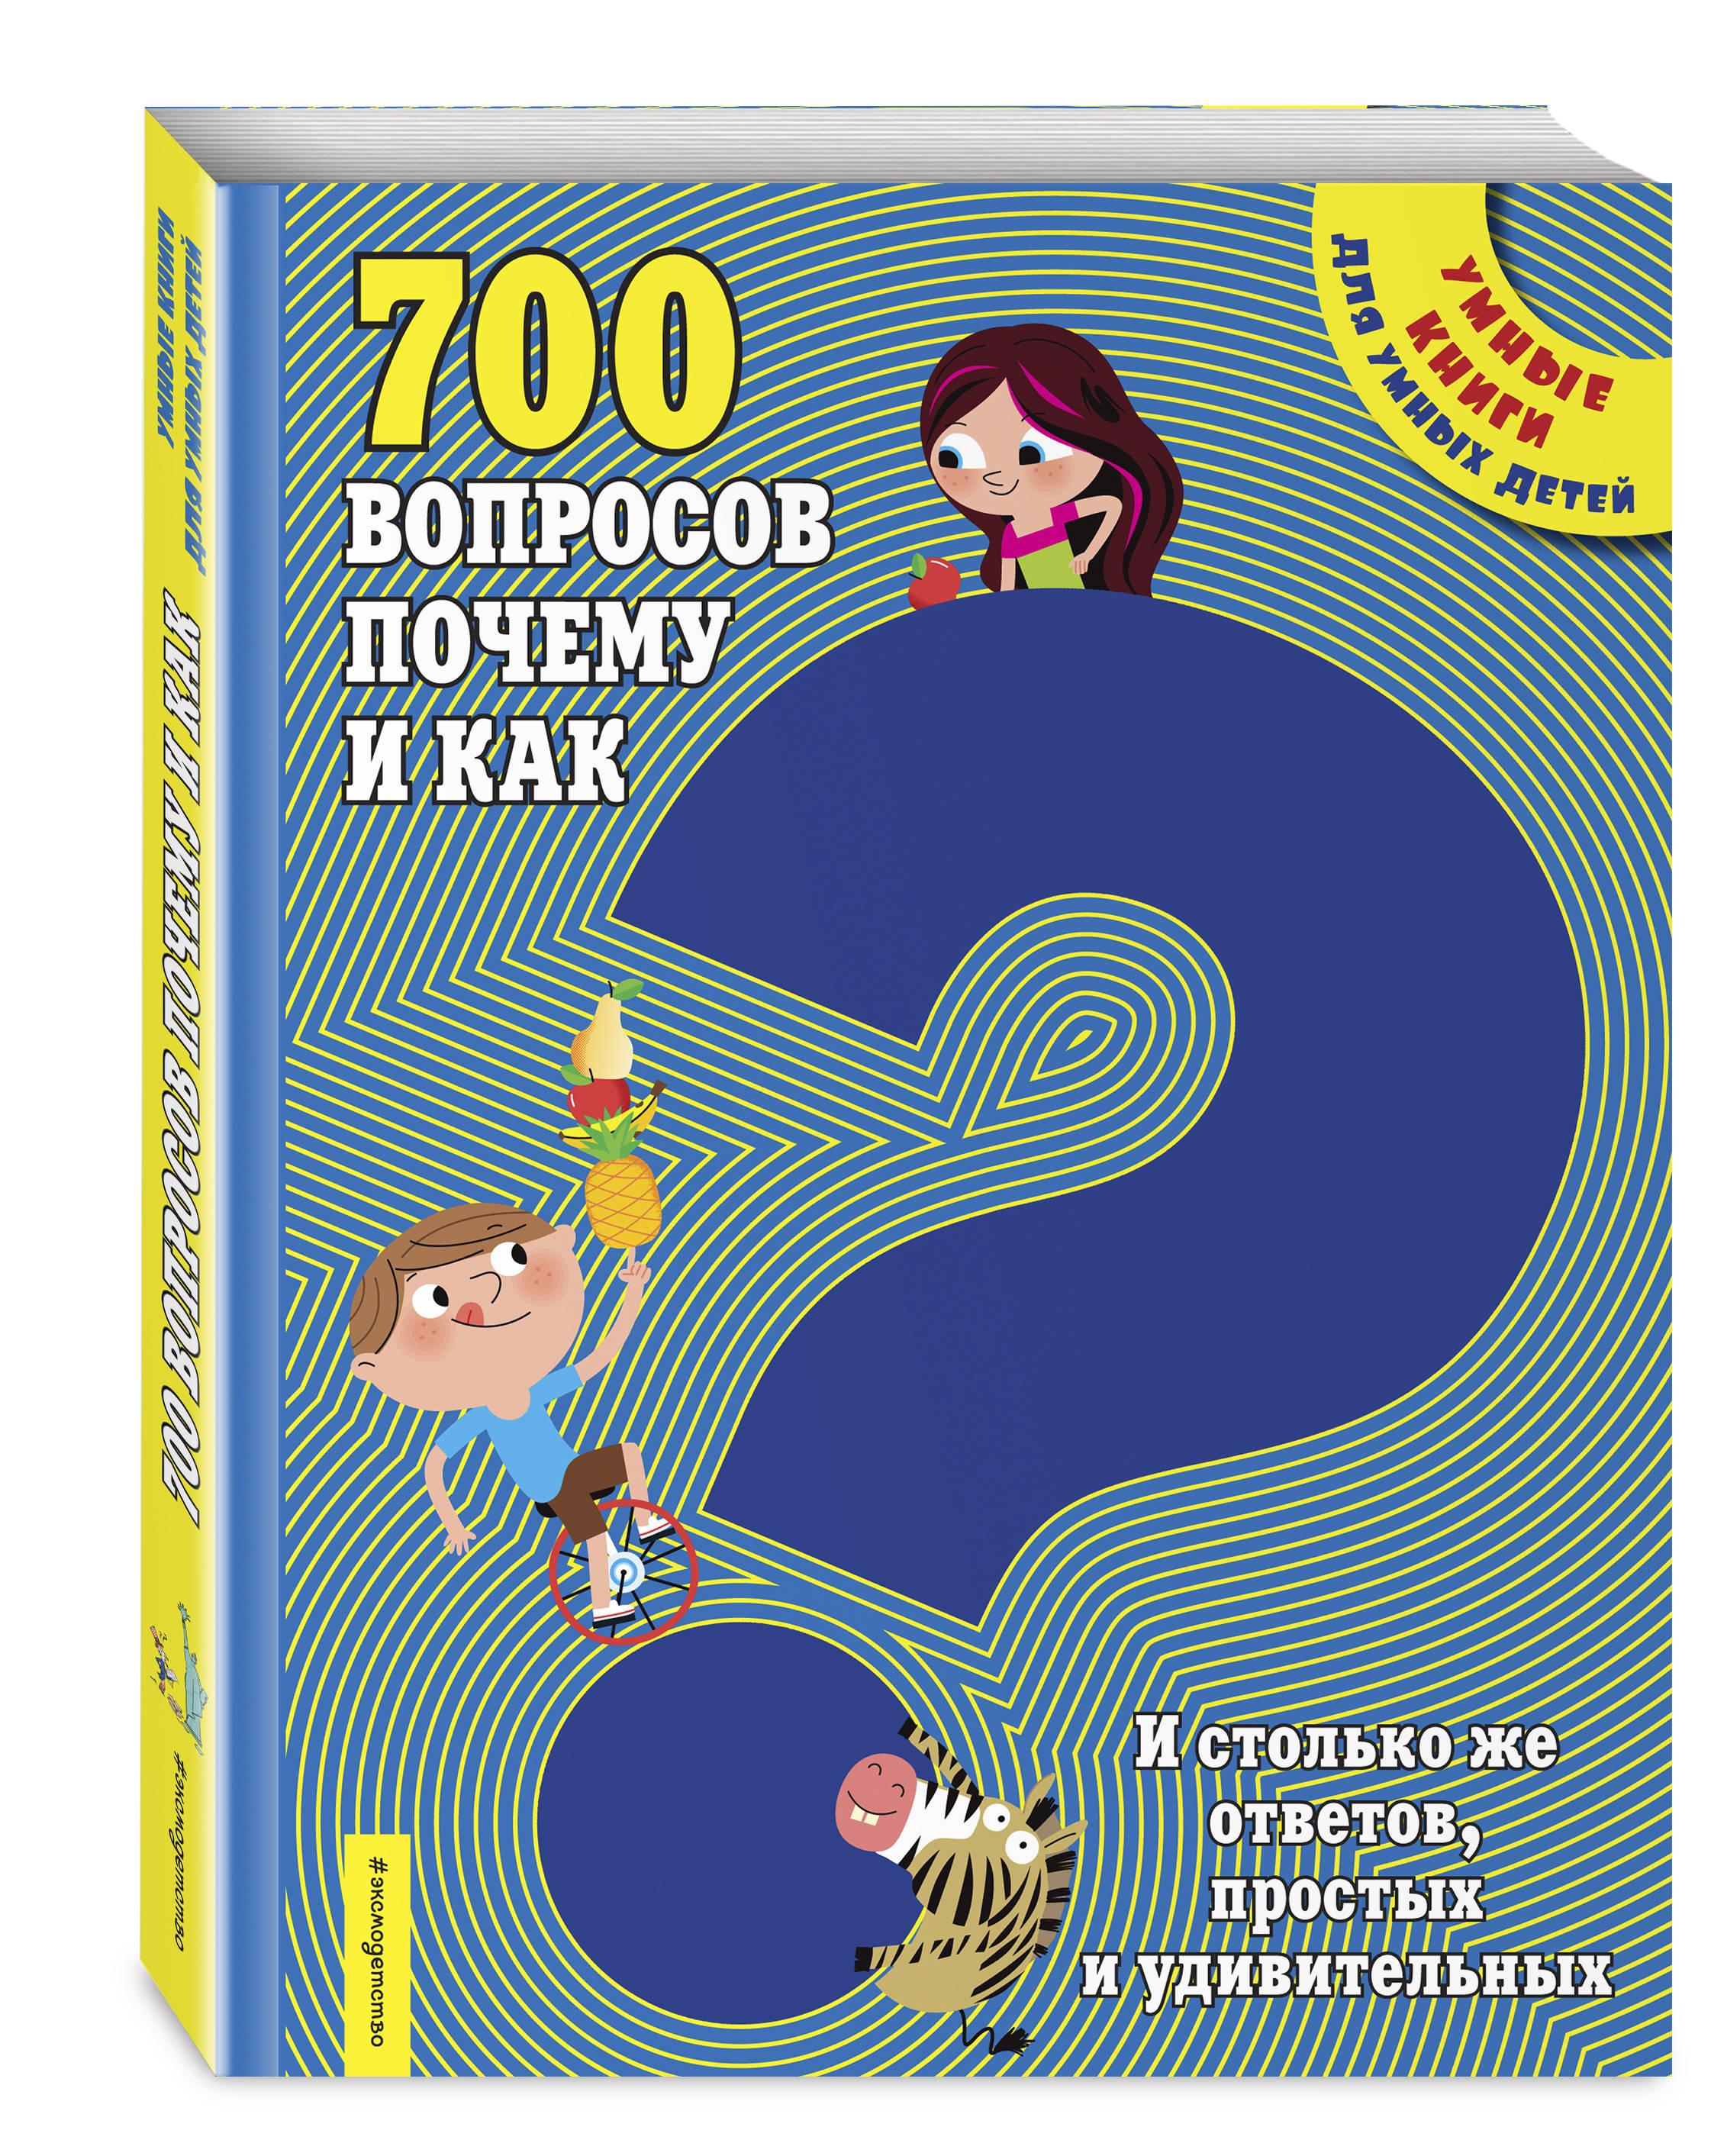 700 вопросов почему и как. И столько же ответов, простых и удивительных